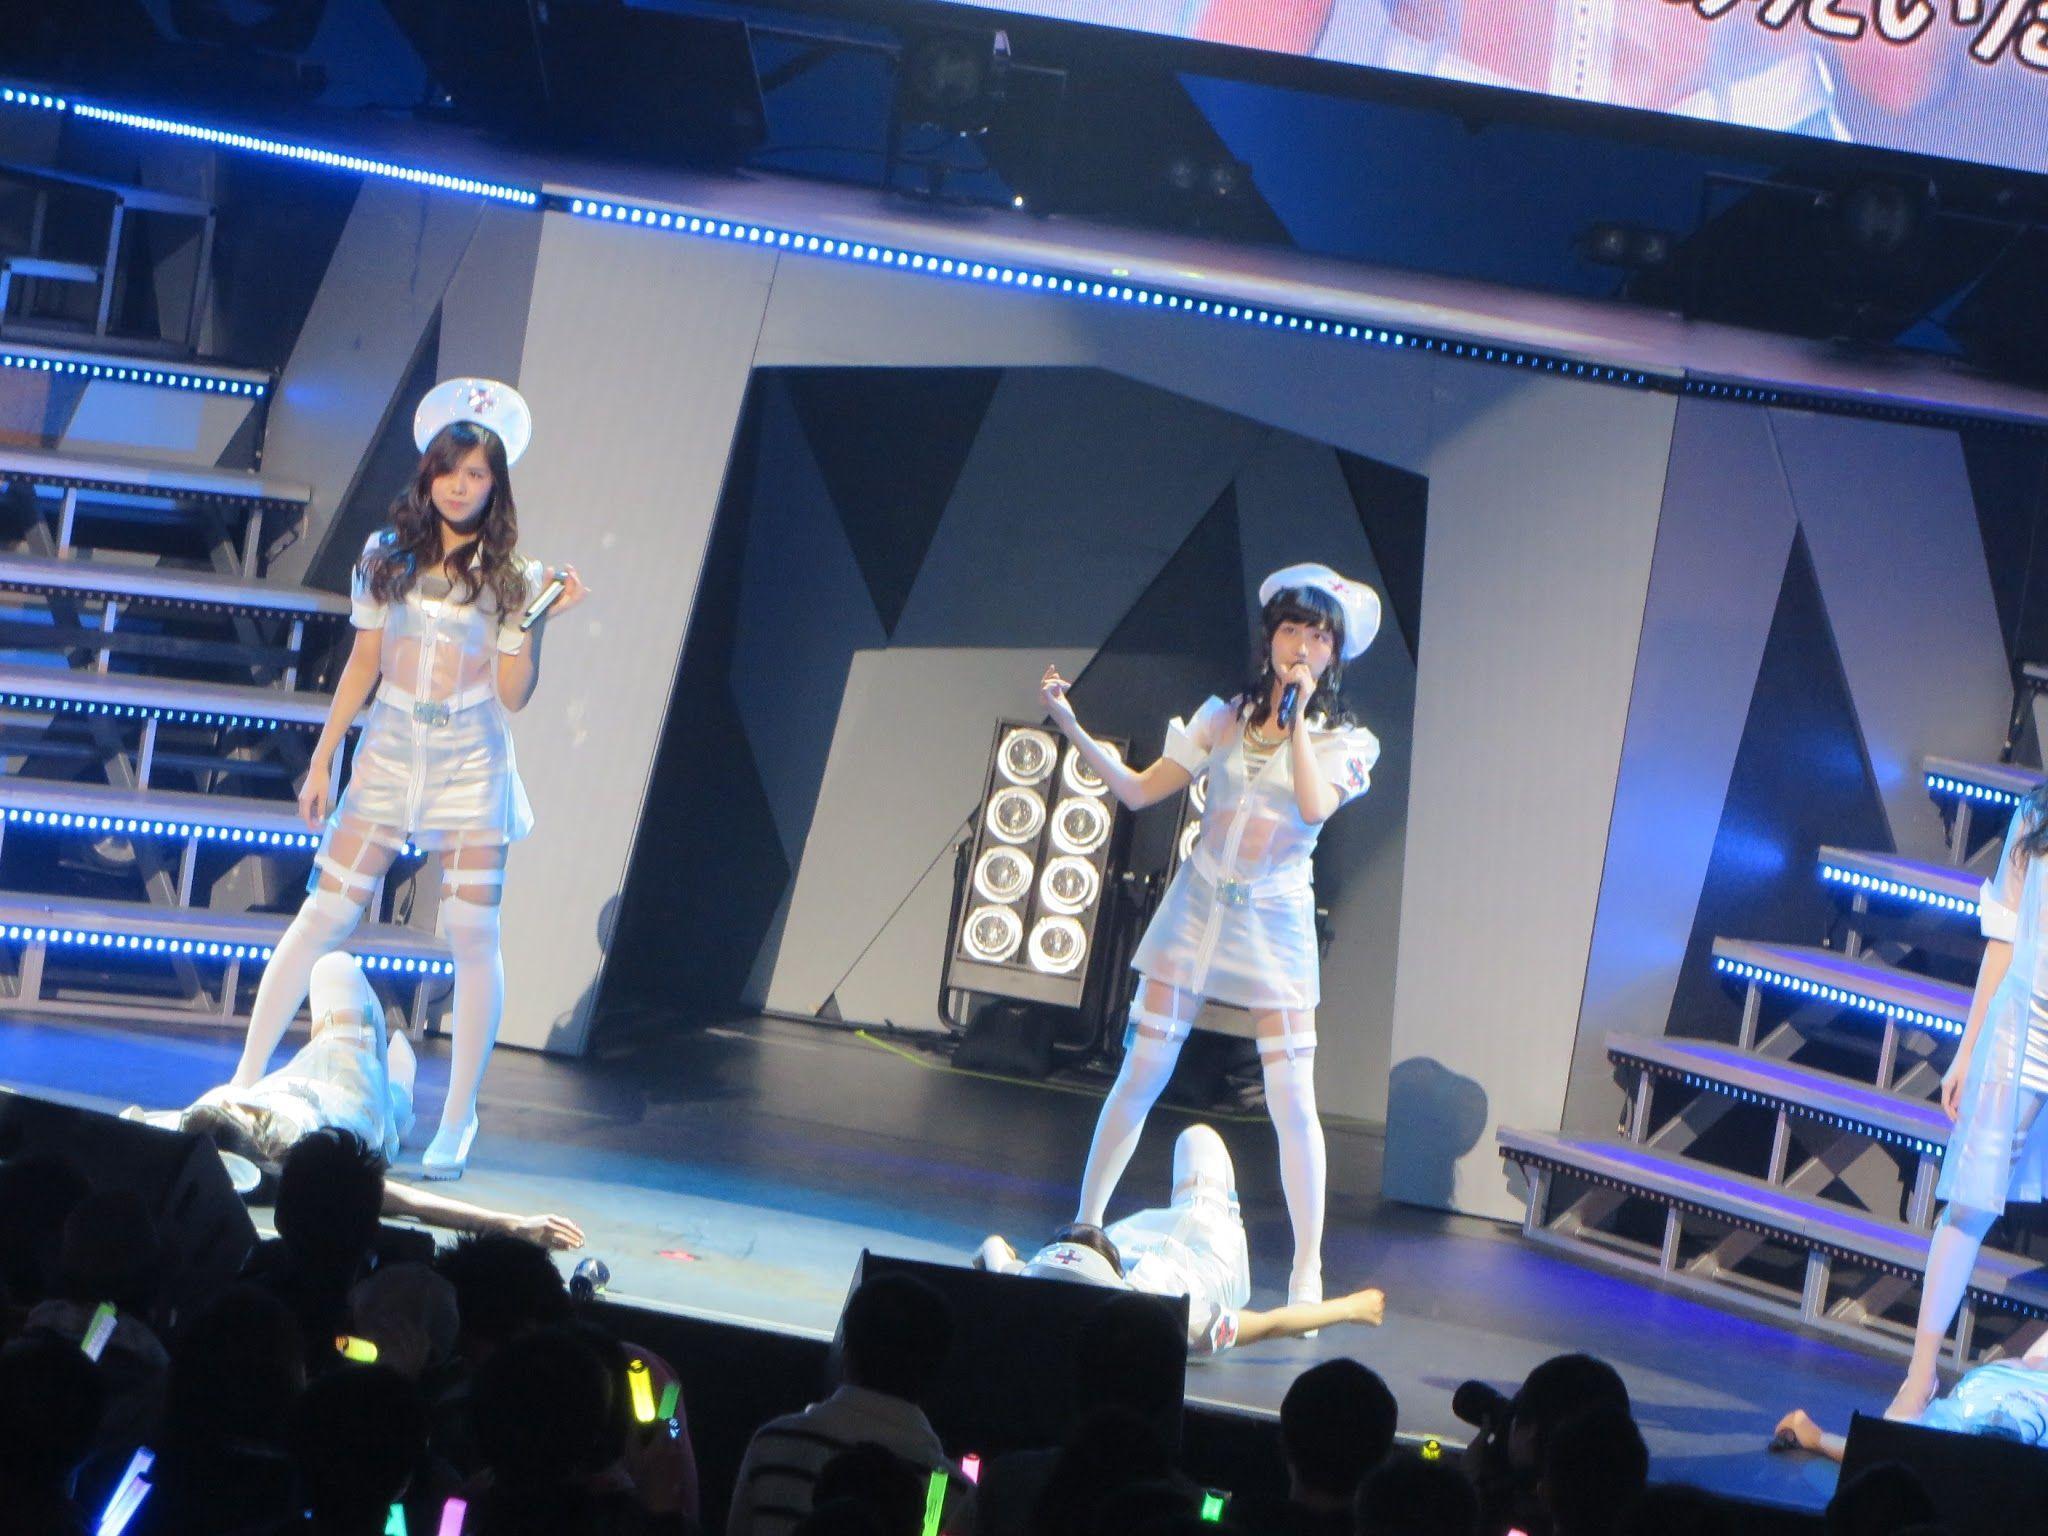 AKB48 リクエストアワー セットリストベスト1035 2015   AKB48 Request Hour Set List Best 1035 2015 ♪Ambulance #AKB48